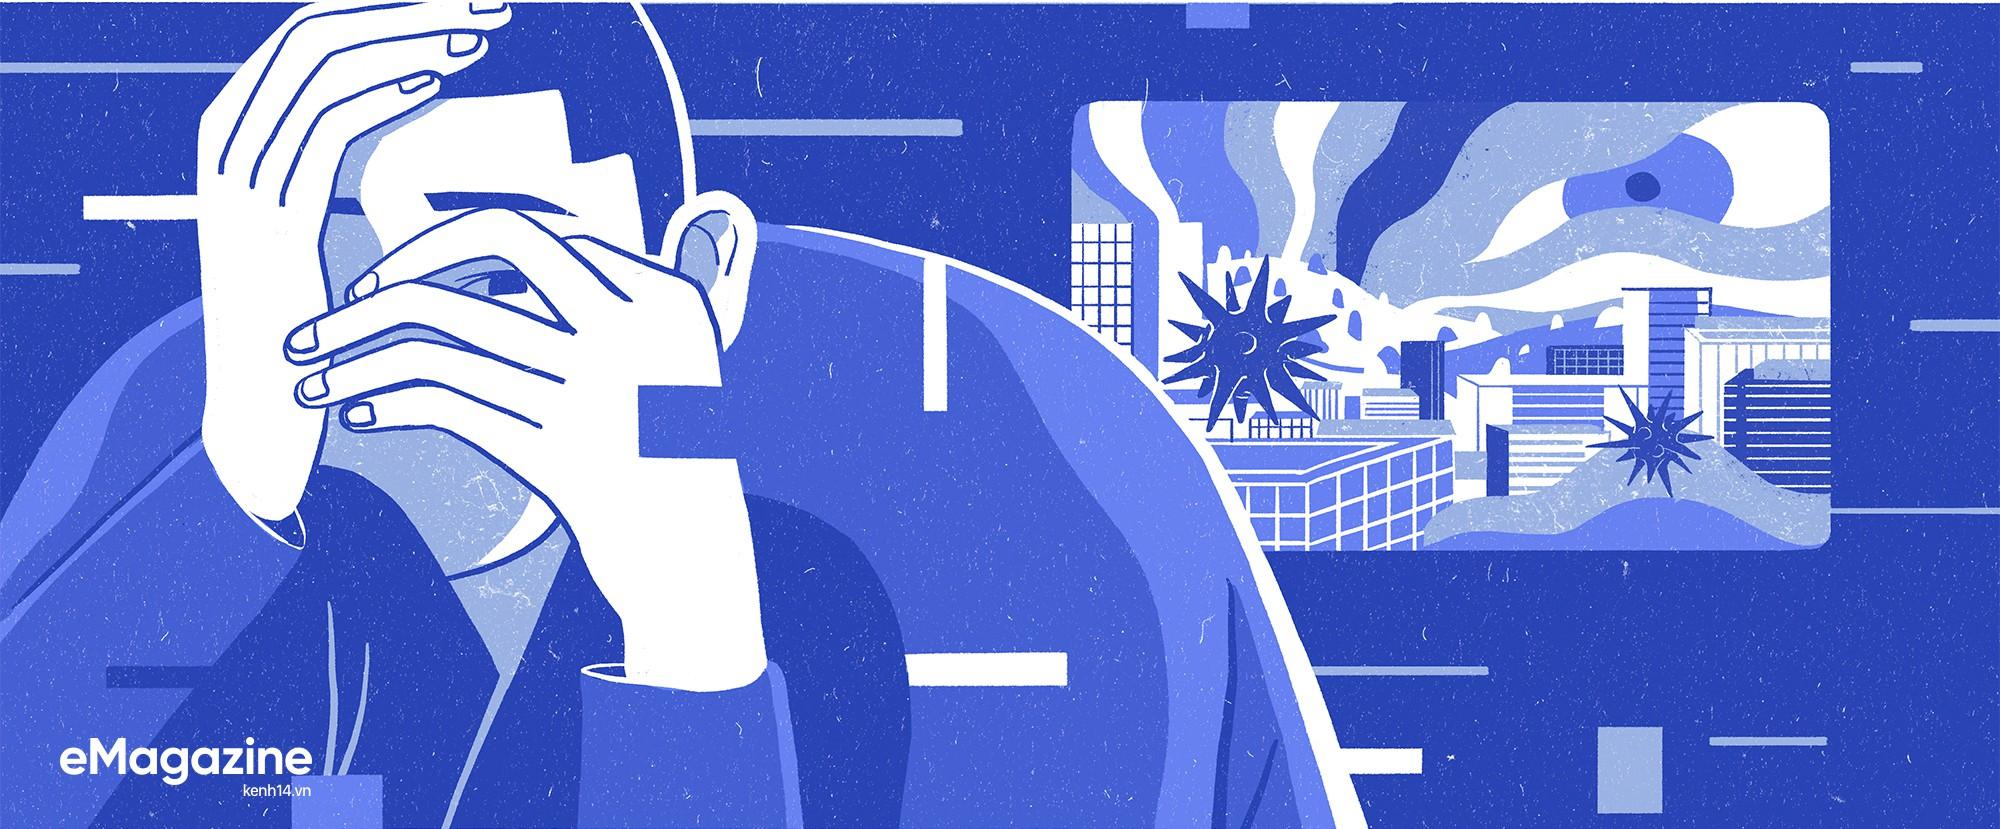 Chúng ta, một thế hệ sợ hãi - Sợ mọi thứ trên Internet, và cũng sợ không xuất hiện trên Internet - Ảnh 5.